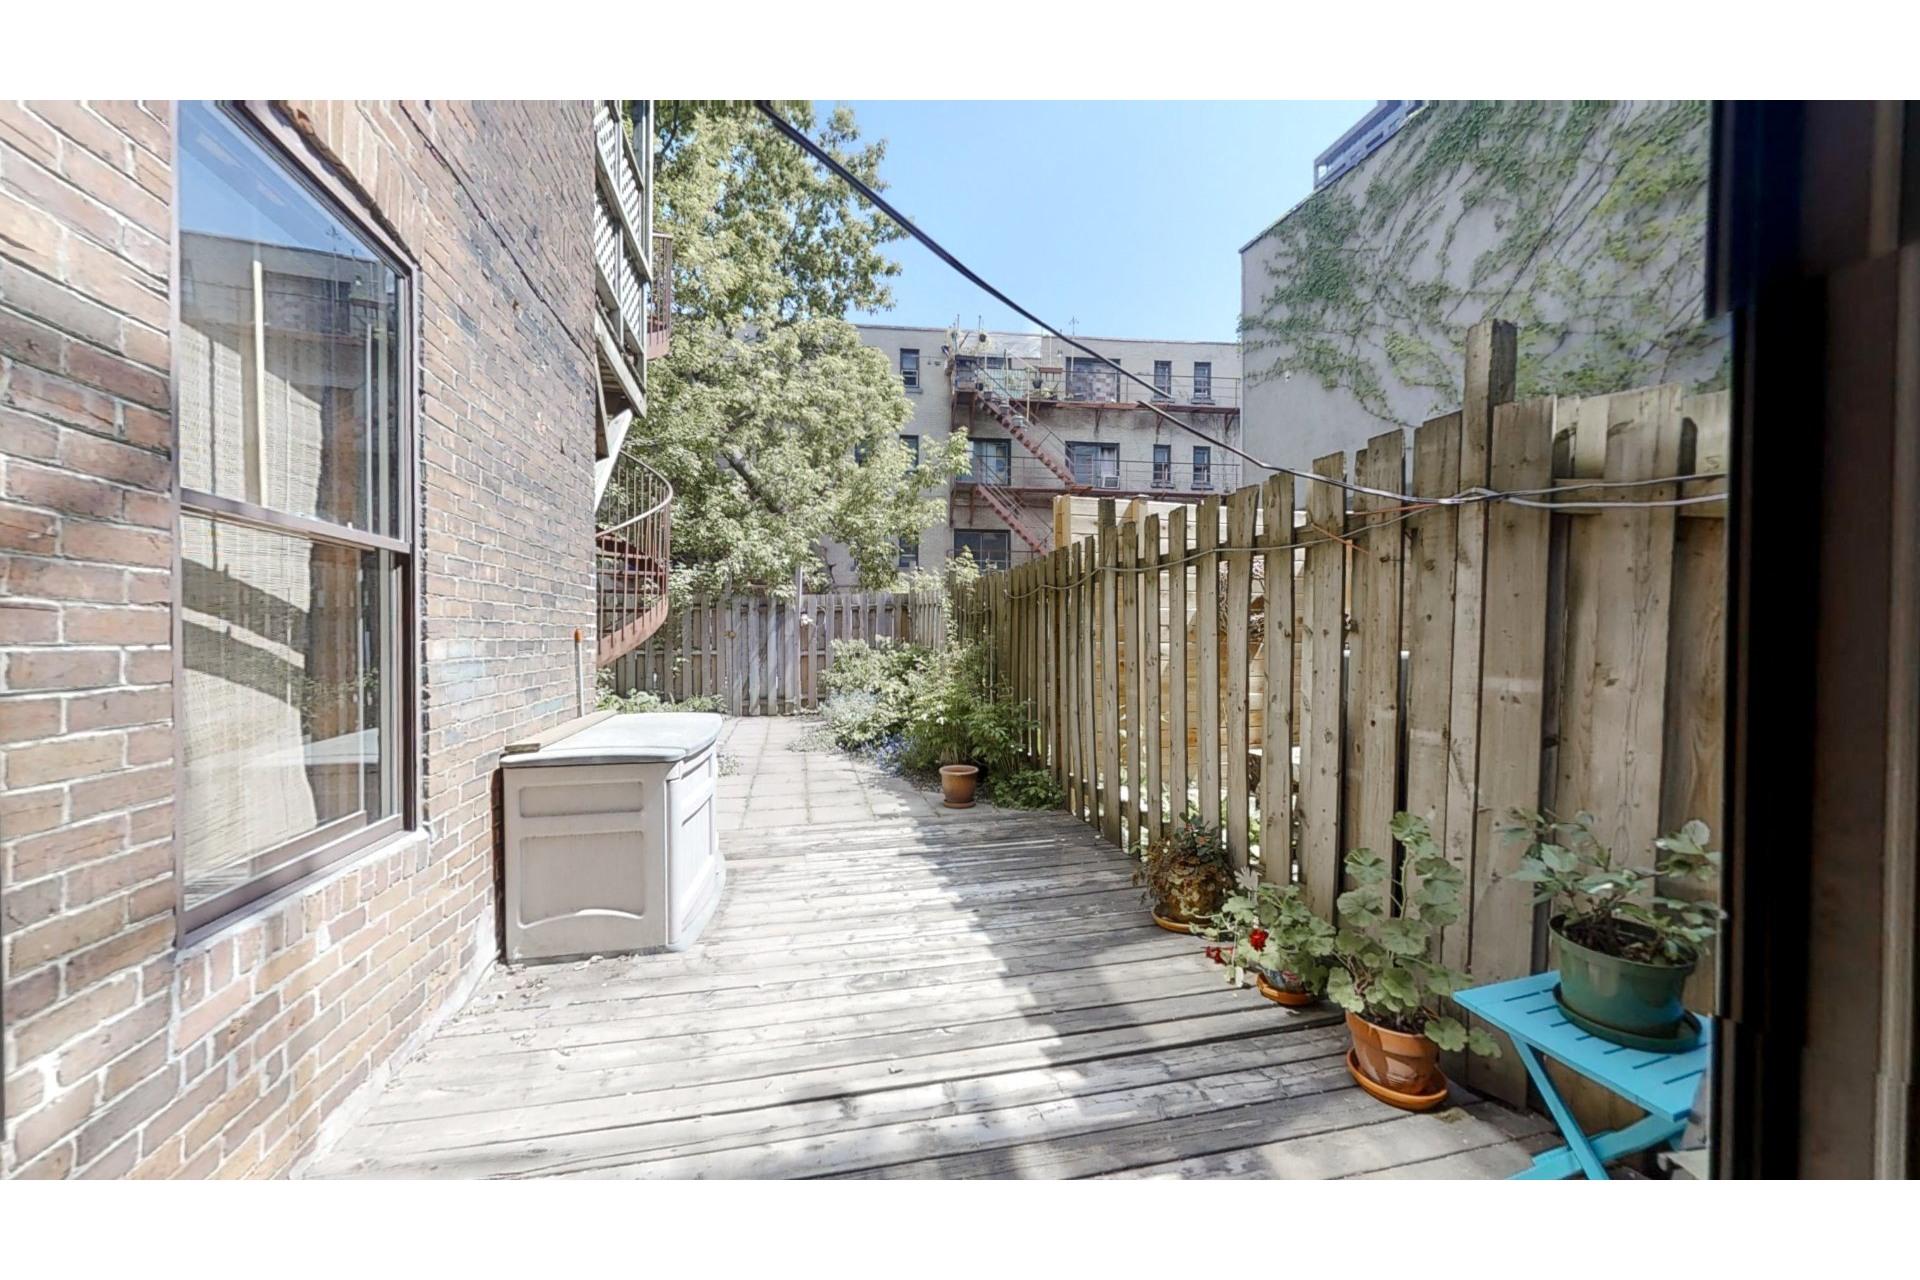 image 25 - Apartment For sale Ville-Marie Montréal  - 8 rooms